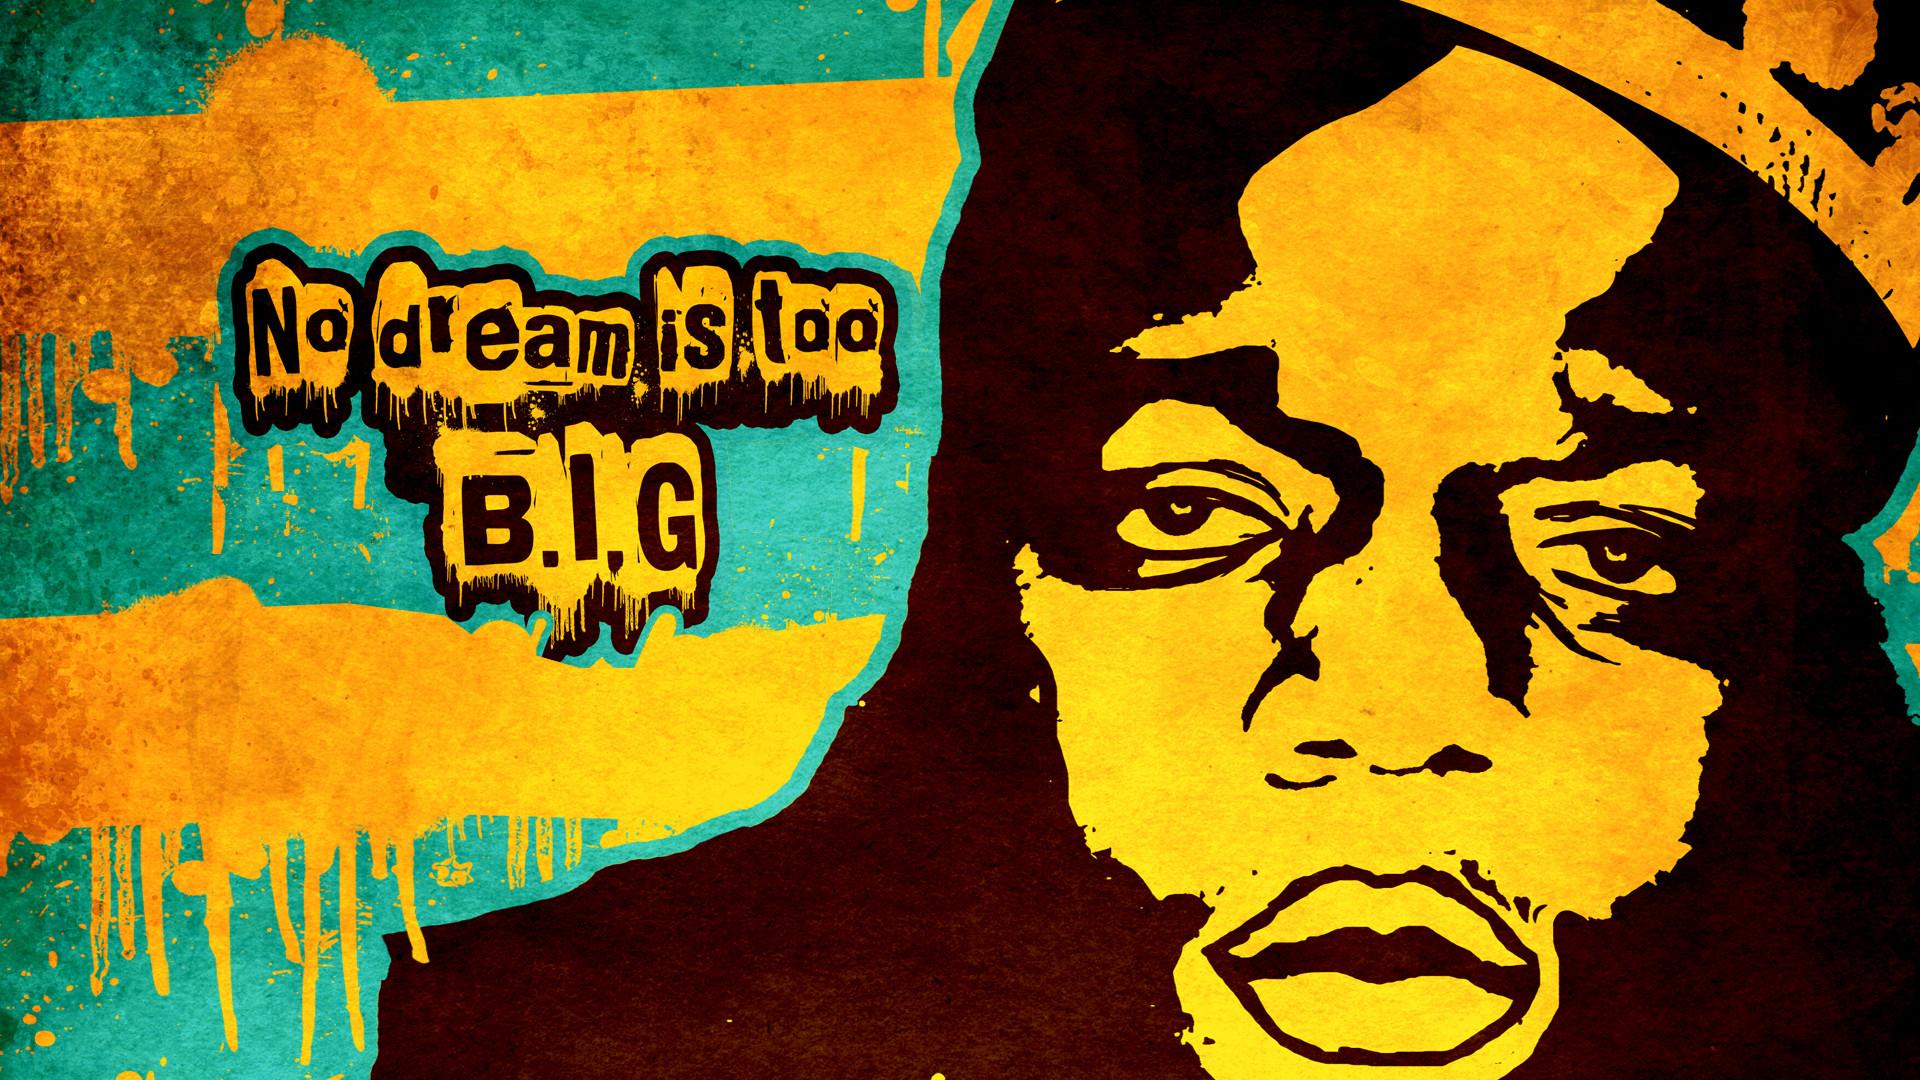 Notorious_BIG_hi_res_wallpaper_by_LillGrafo.  Notorious_BIG_hi_res_wallpaper_by_LillGrafo 0 HTML code. Notorious Big  wallpapers   Notorious Big background